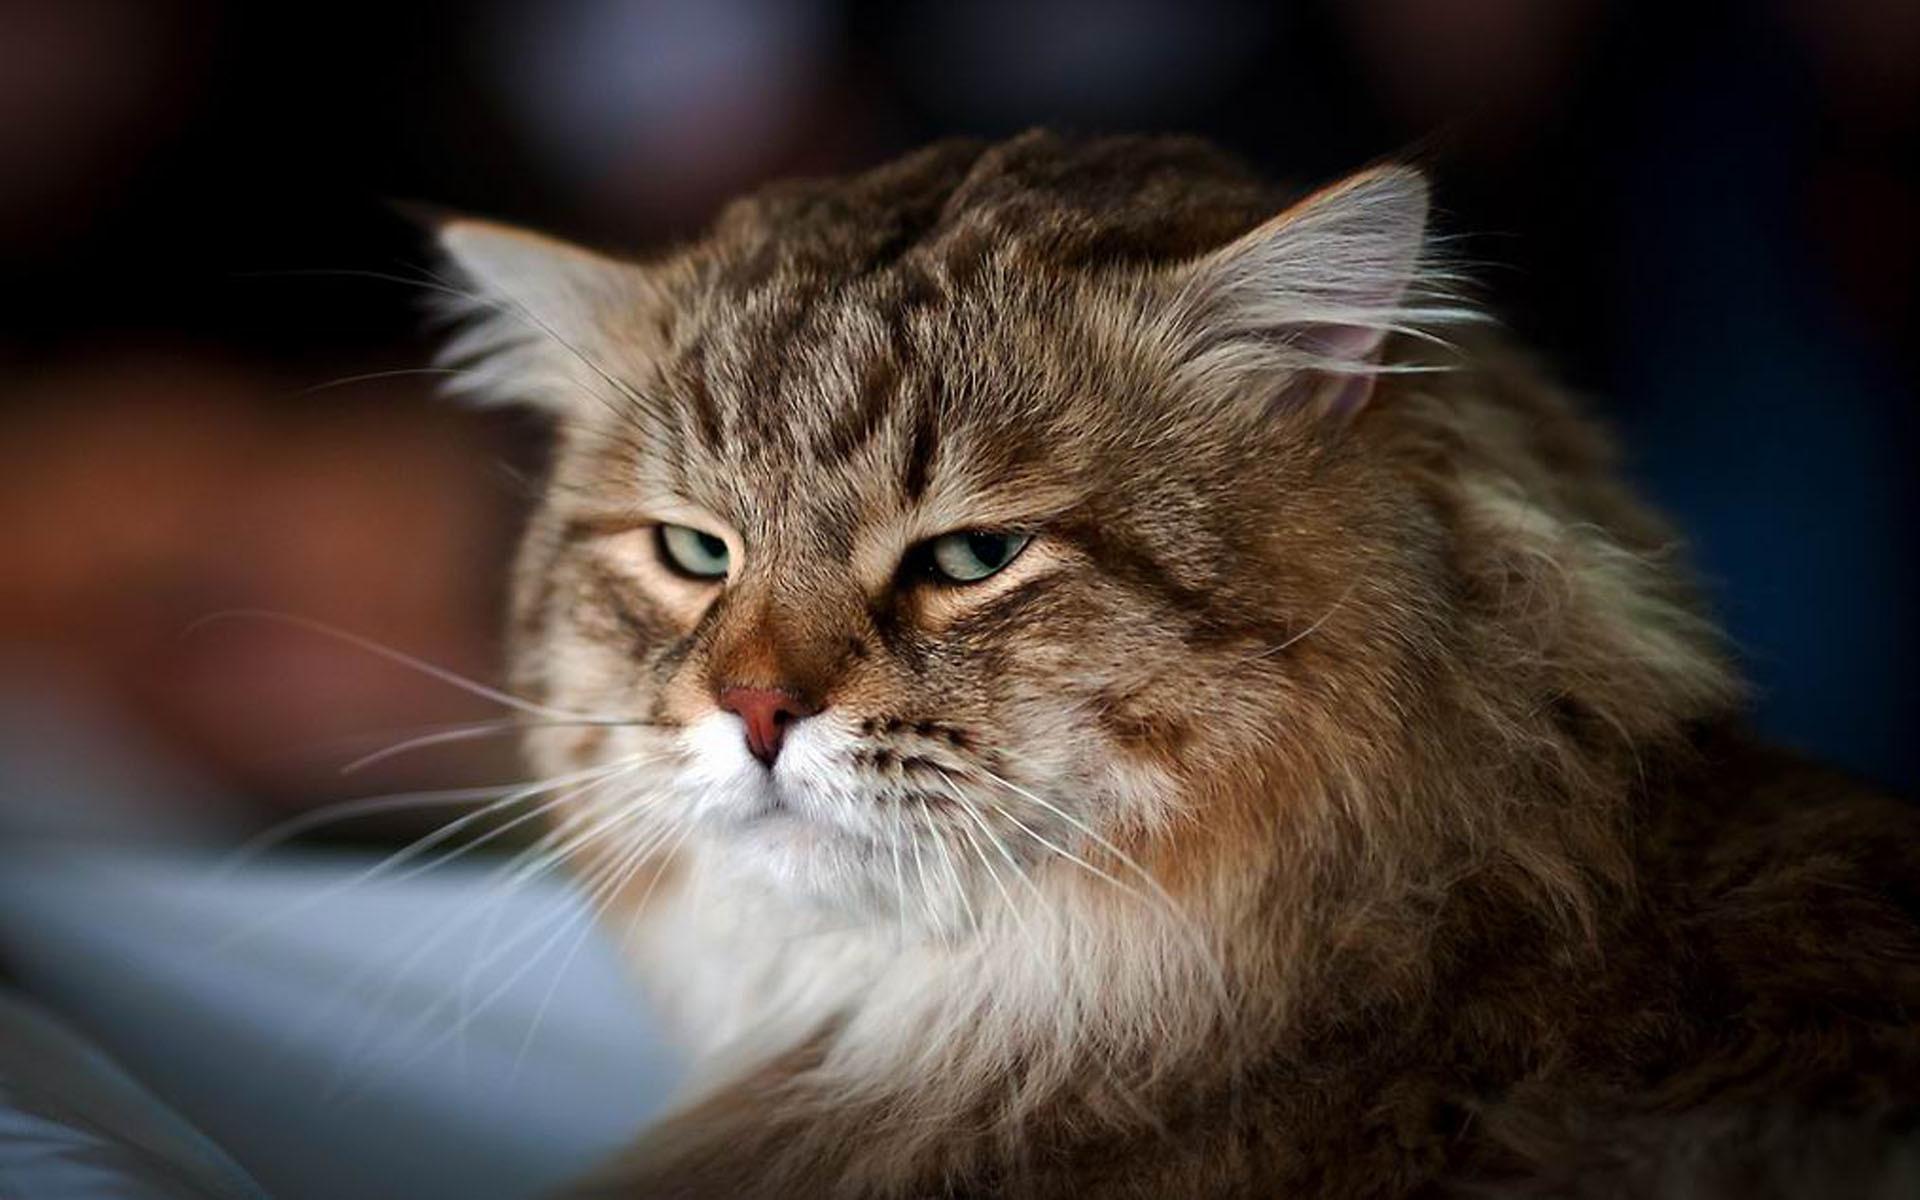 онлайн самые наглые животные на фото подиумы продемонстрировали